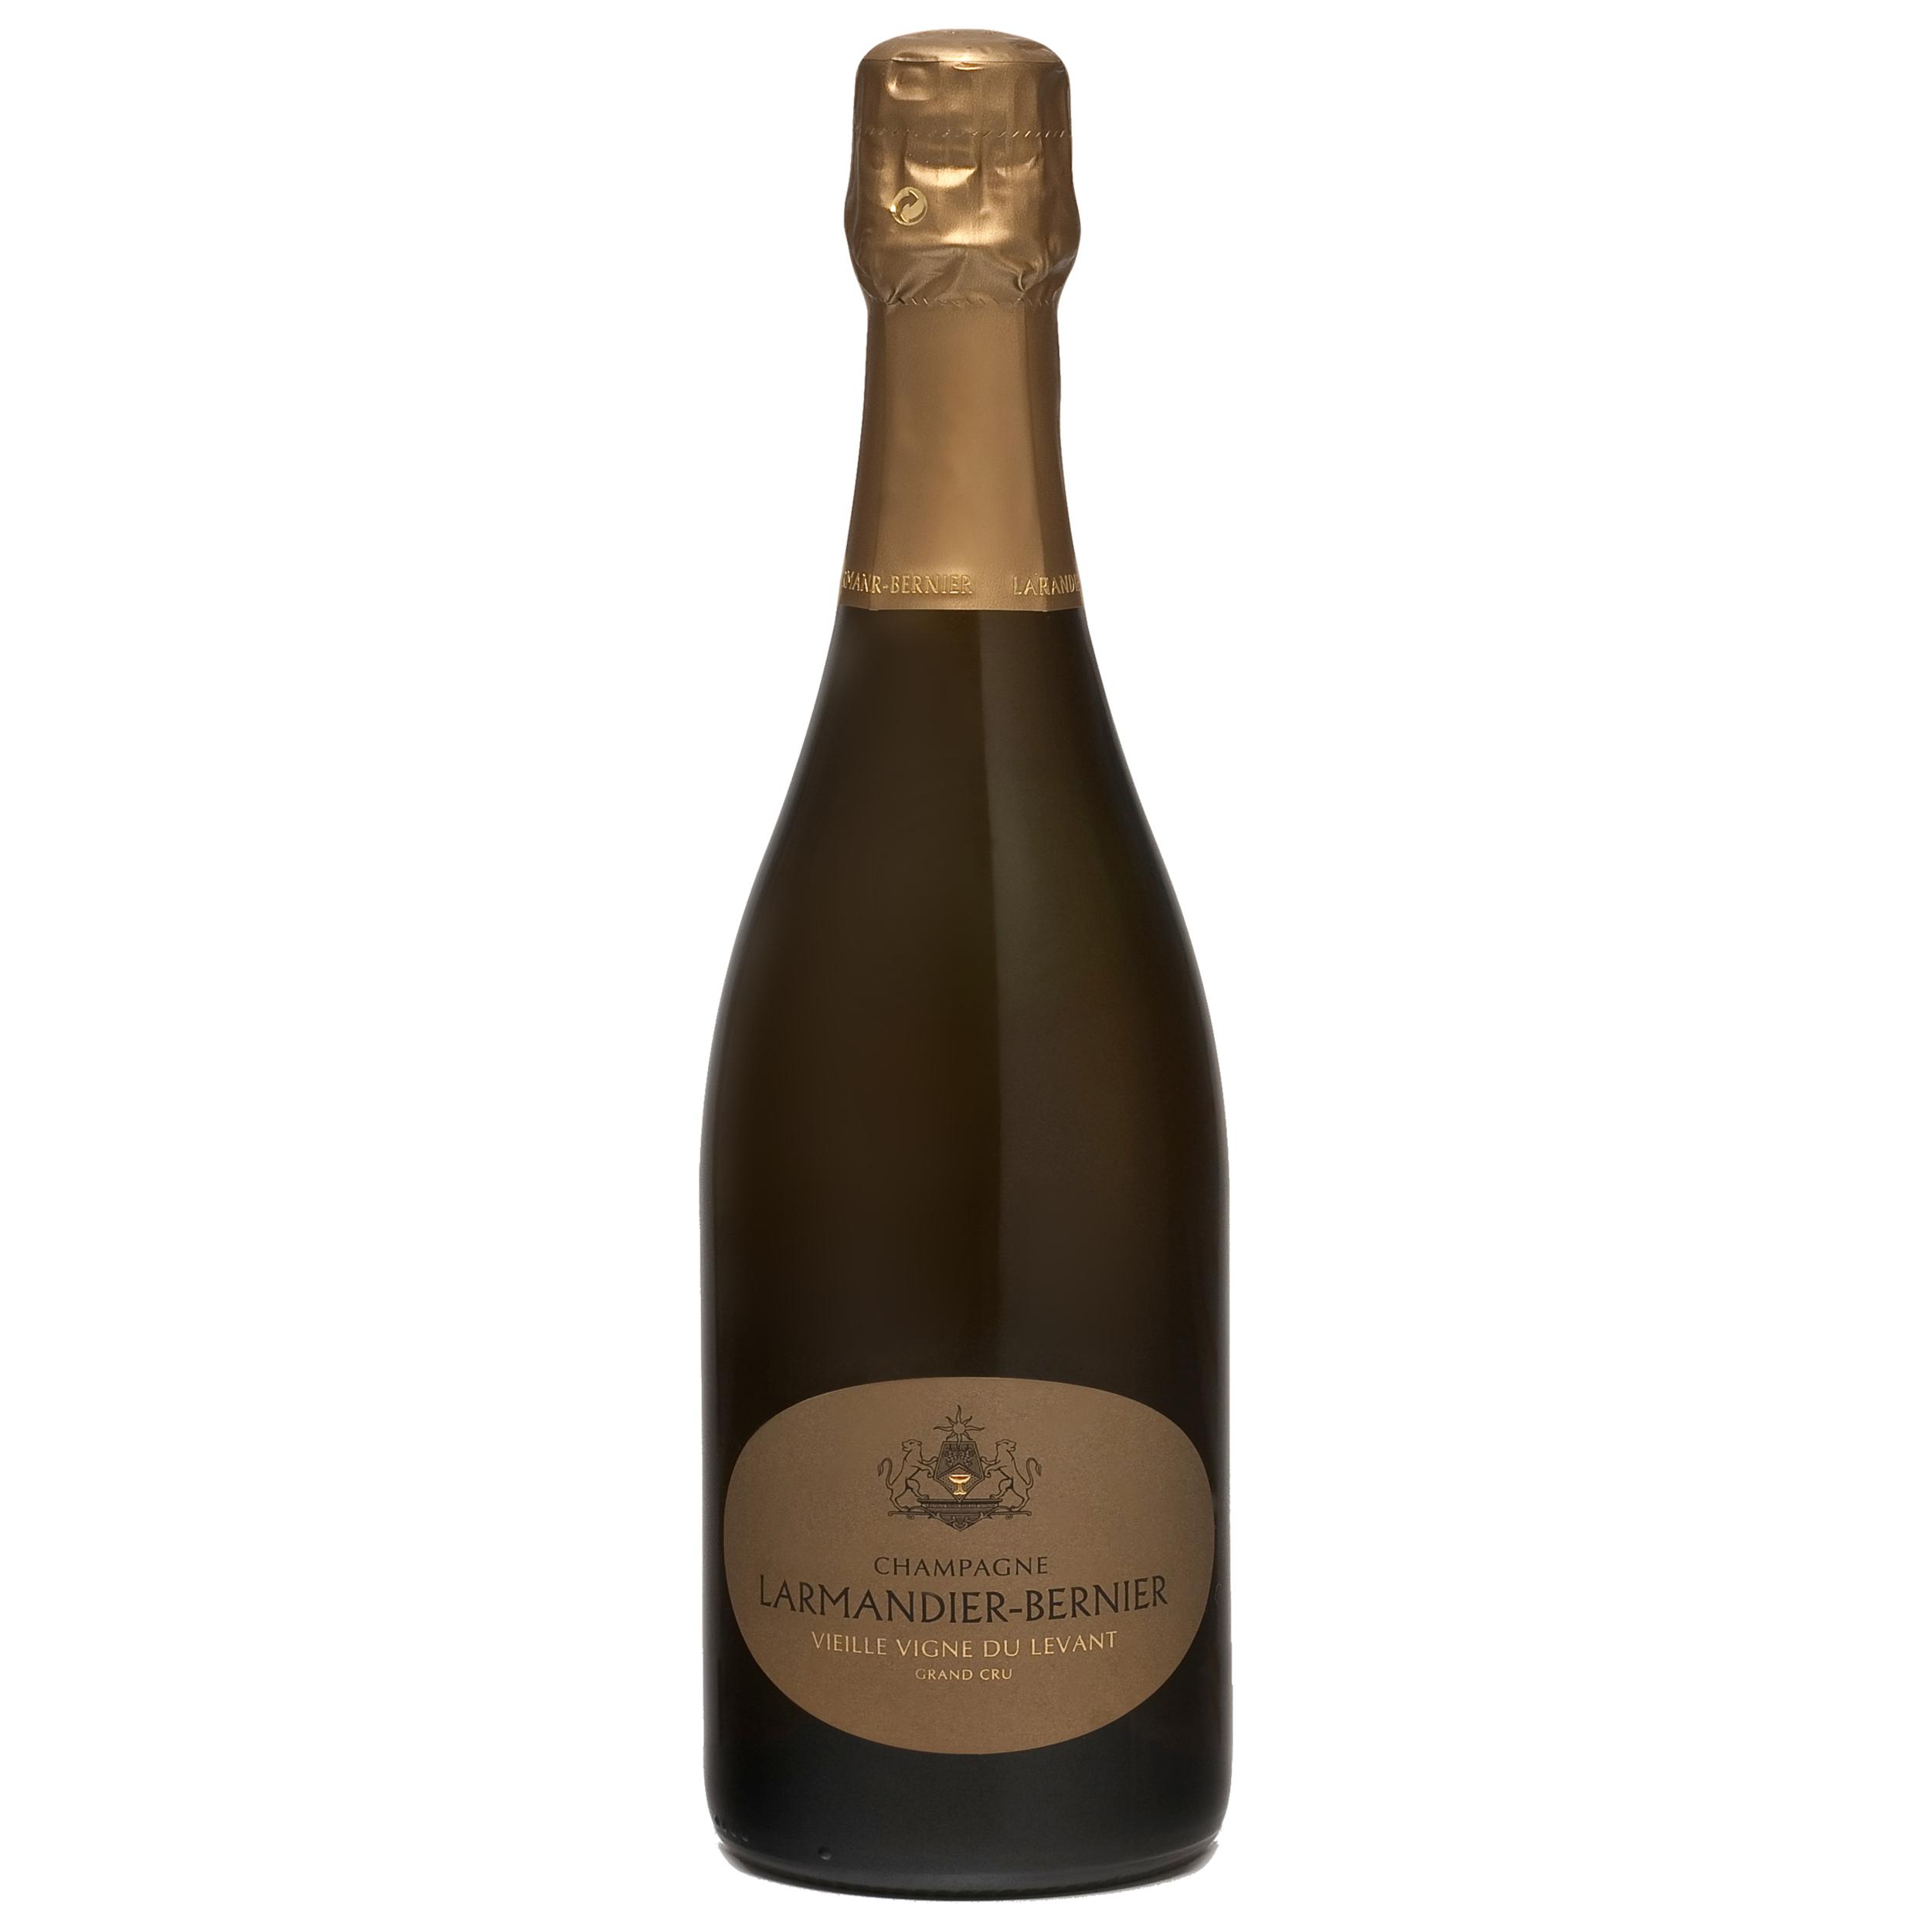 Champagne Grand Cru - Vieilles Vignes du Levant - Larmandier-Bernier - 2010